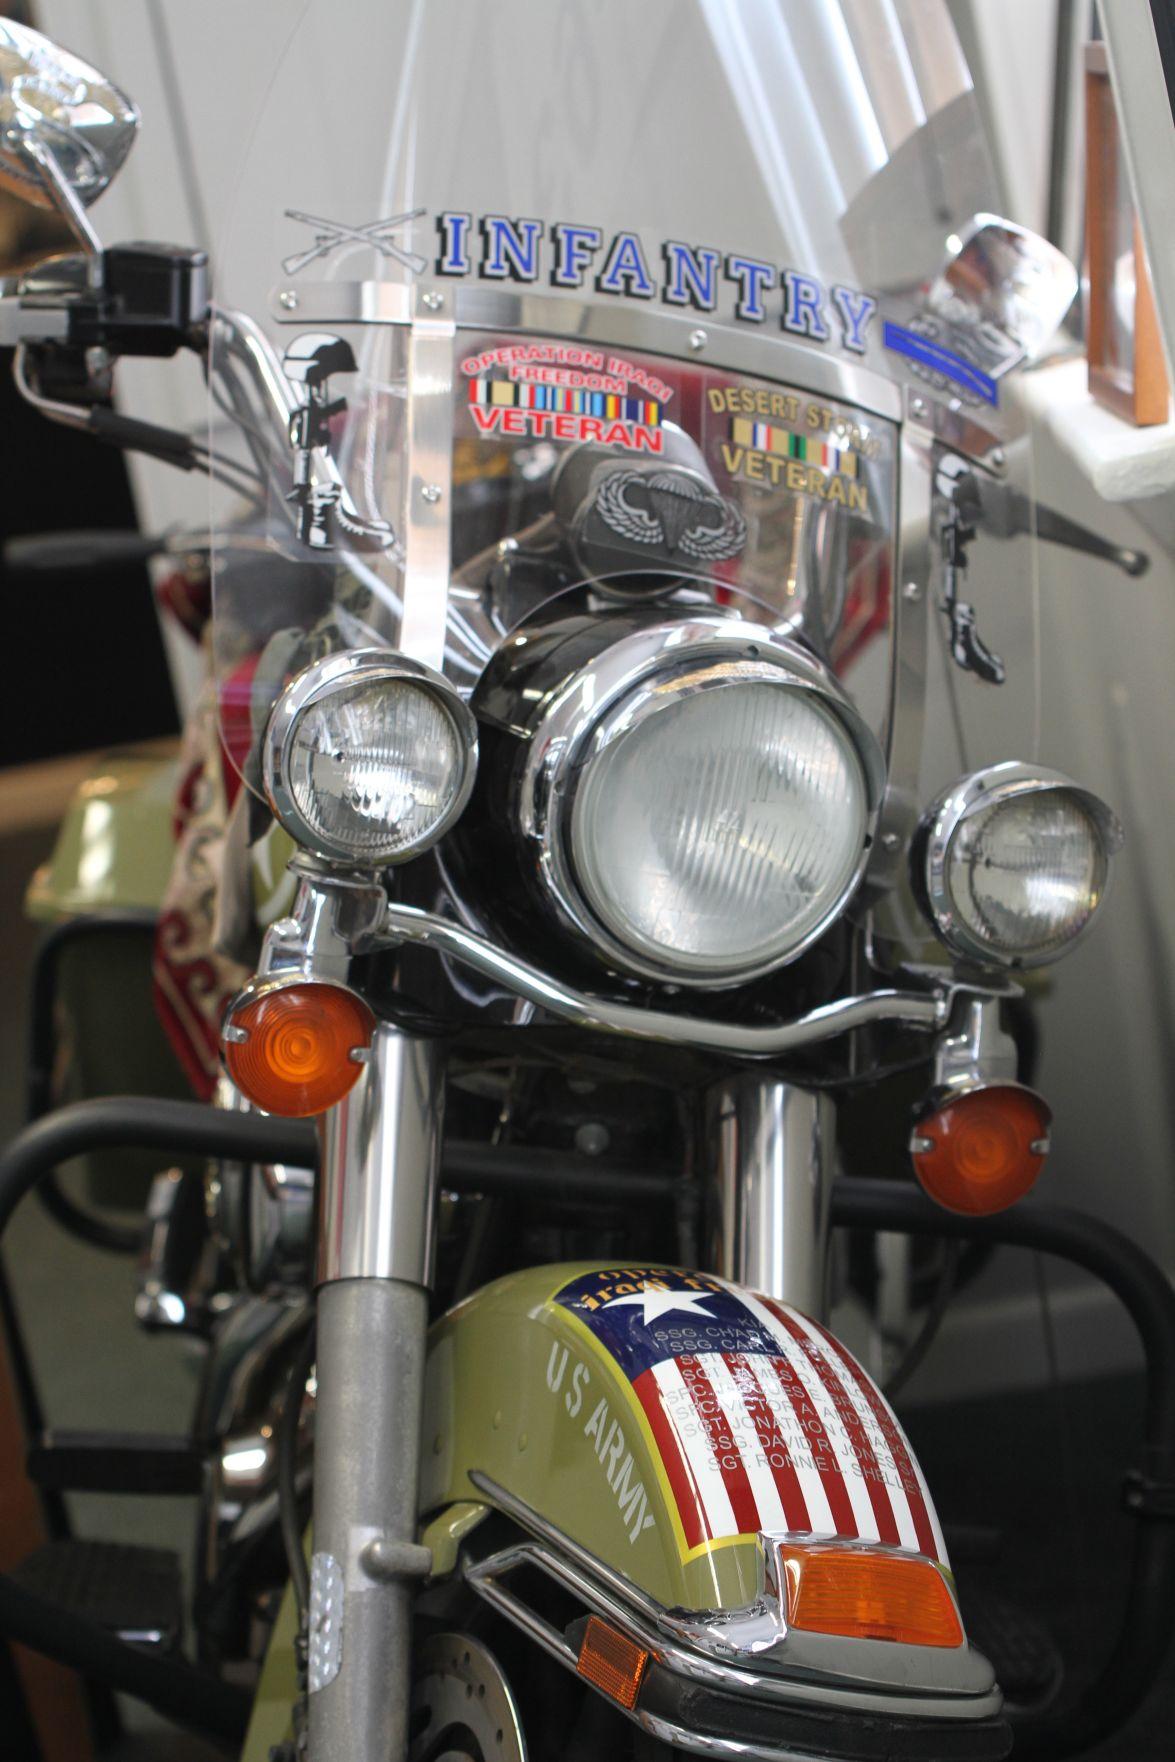 Veterans Day Activities Include Exhibit Preview